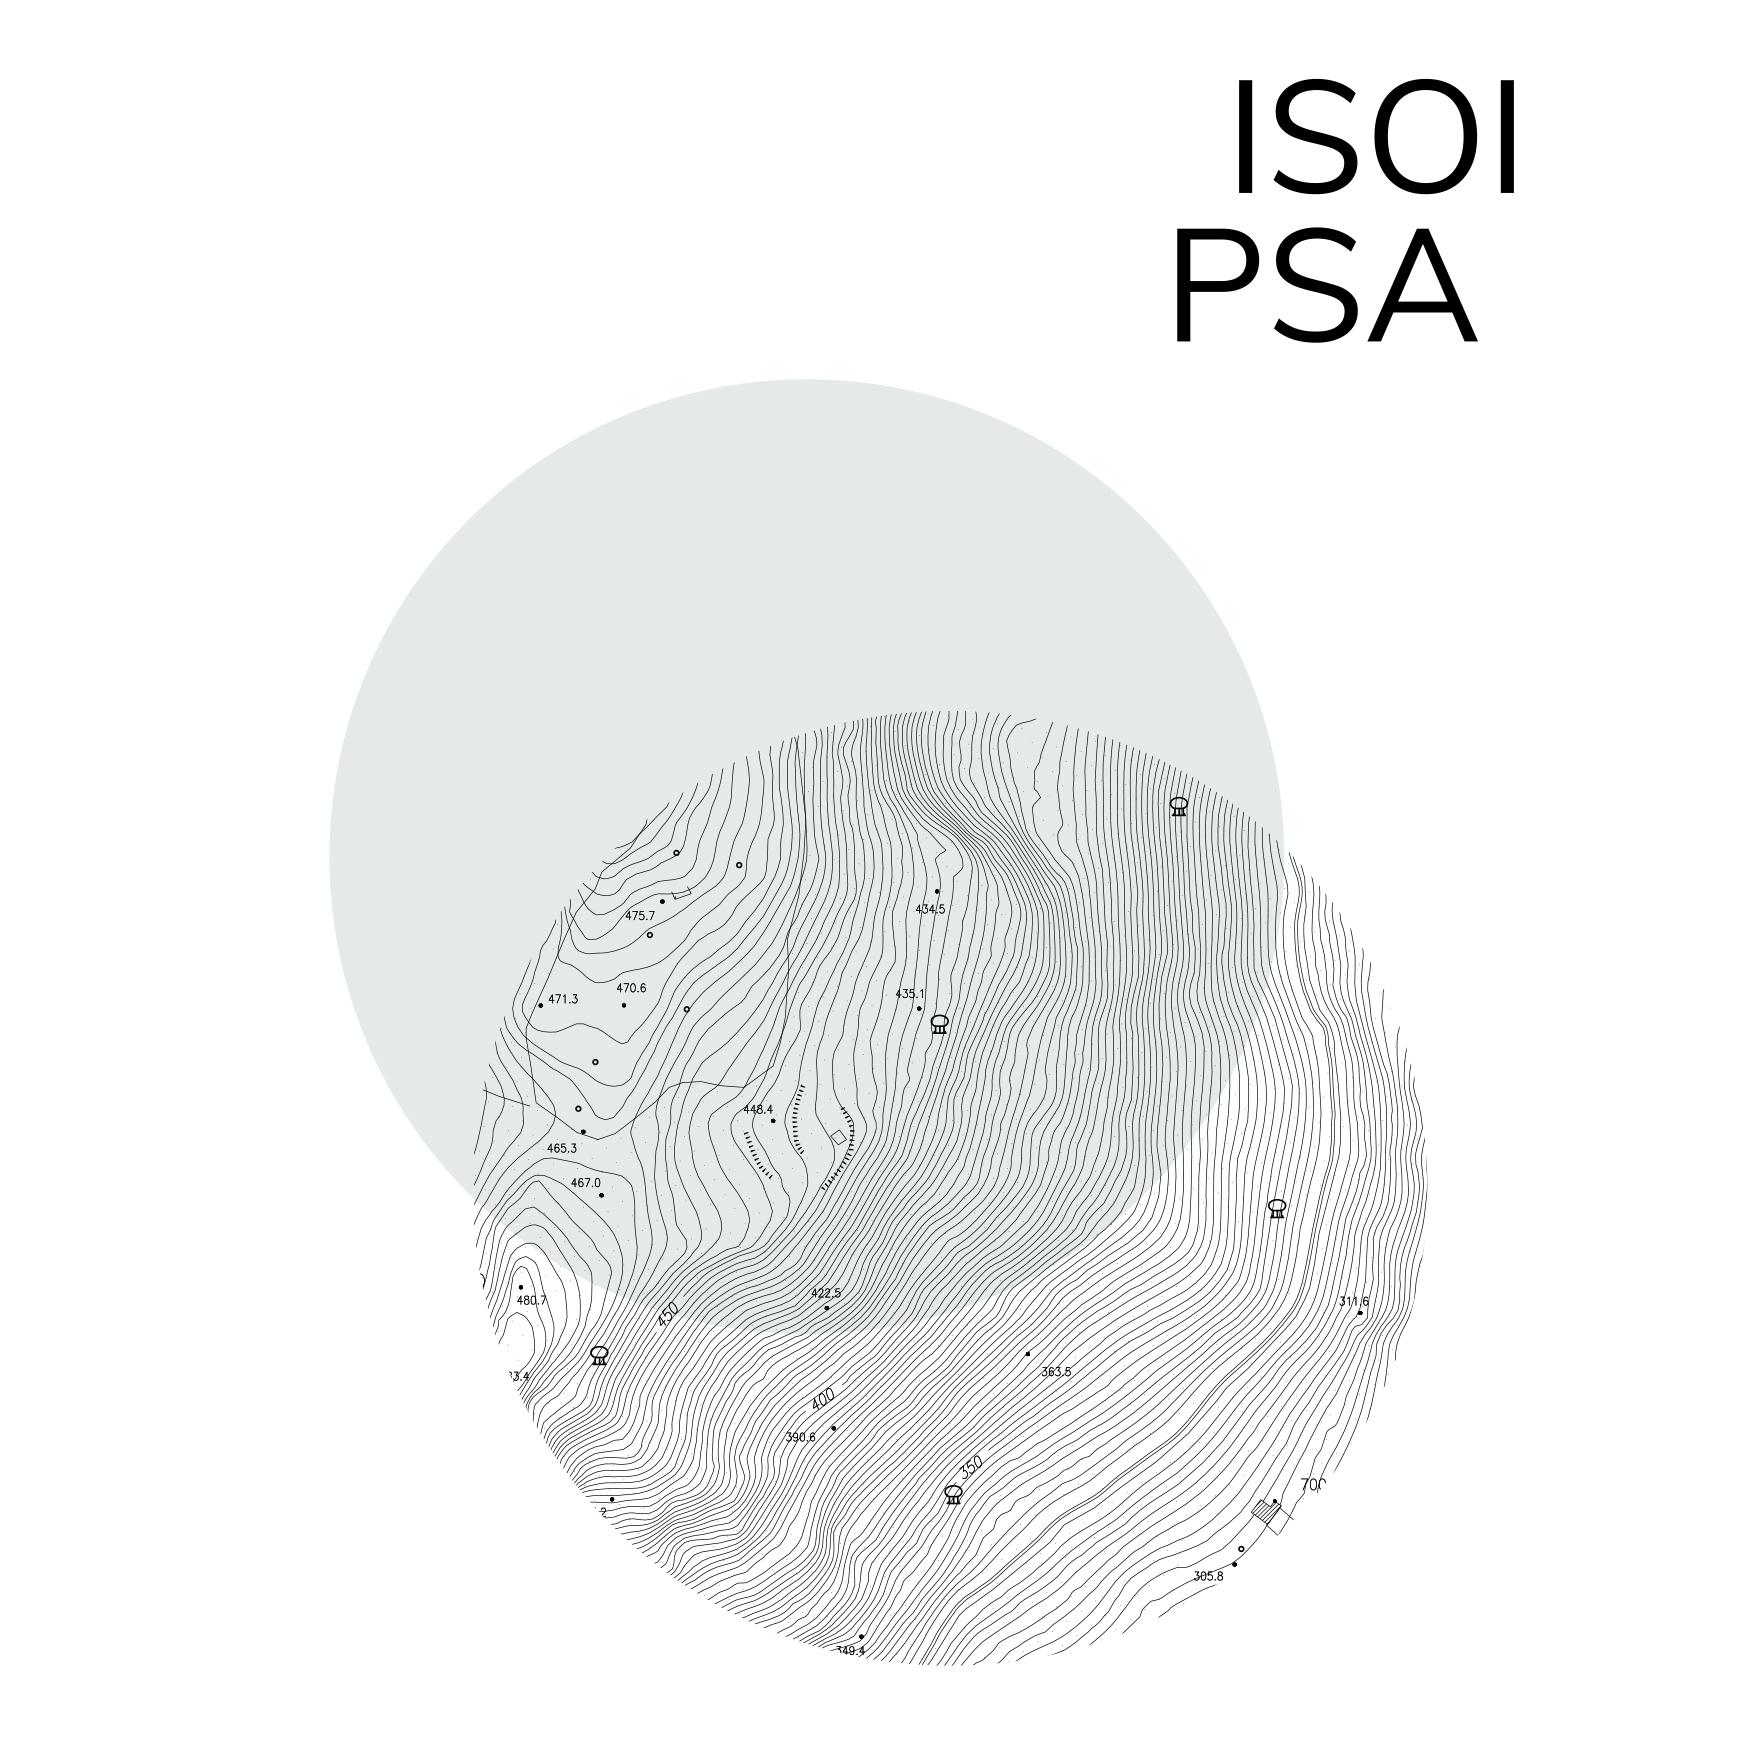 catalogo isoipsa-1